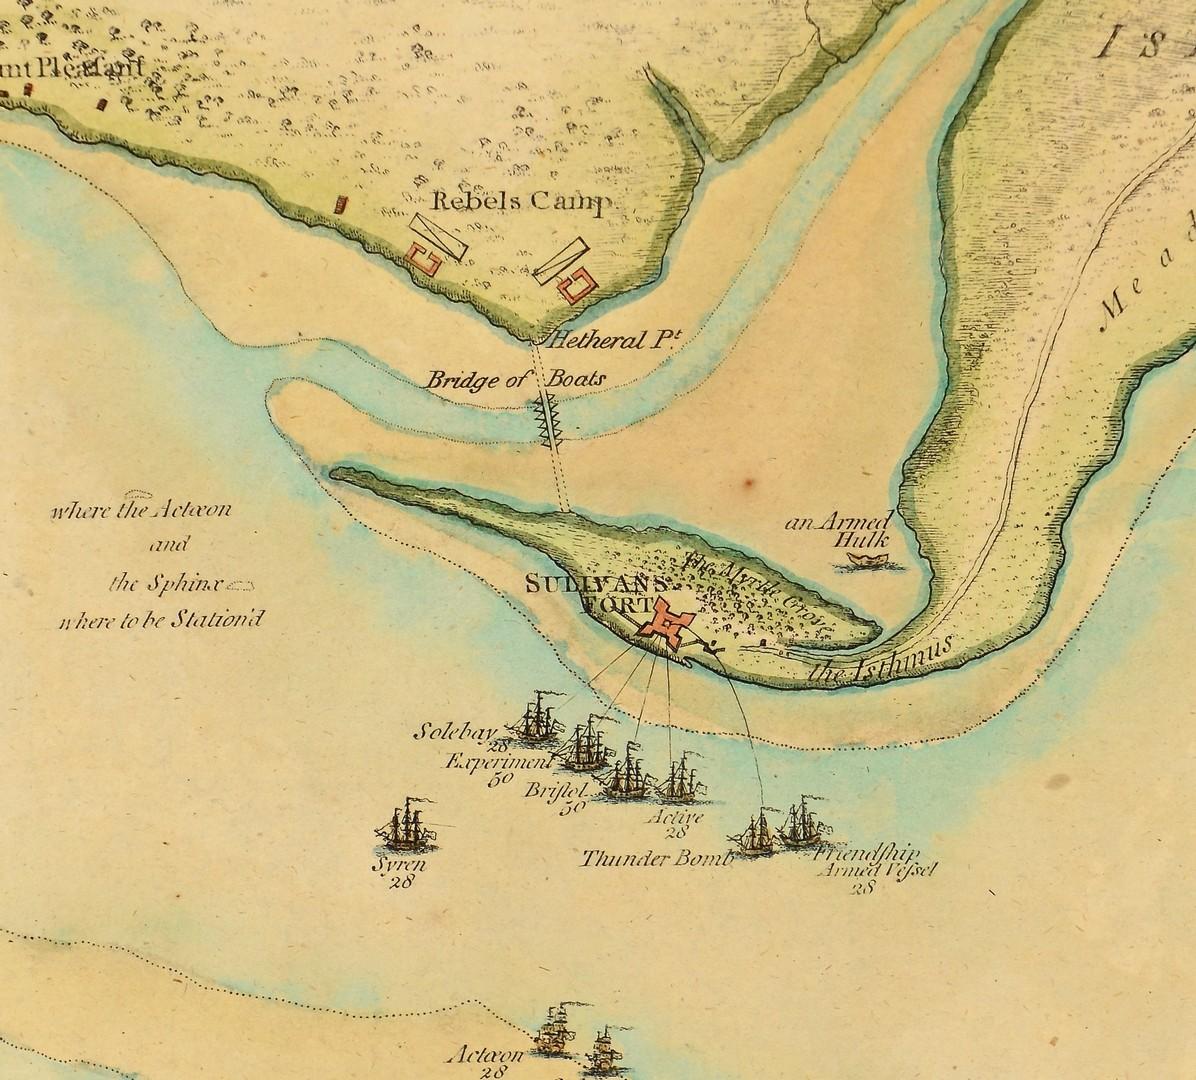 Lot 237: Wm. Faden Revolutionary War Map 1776